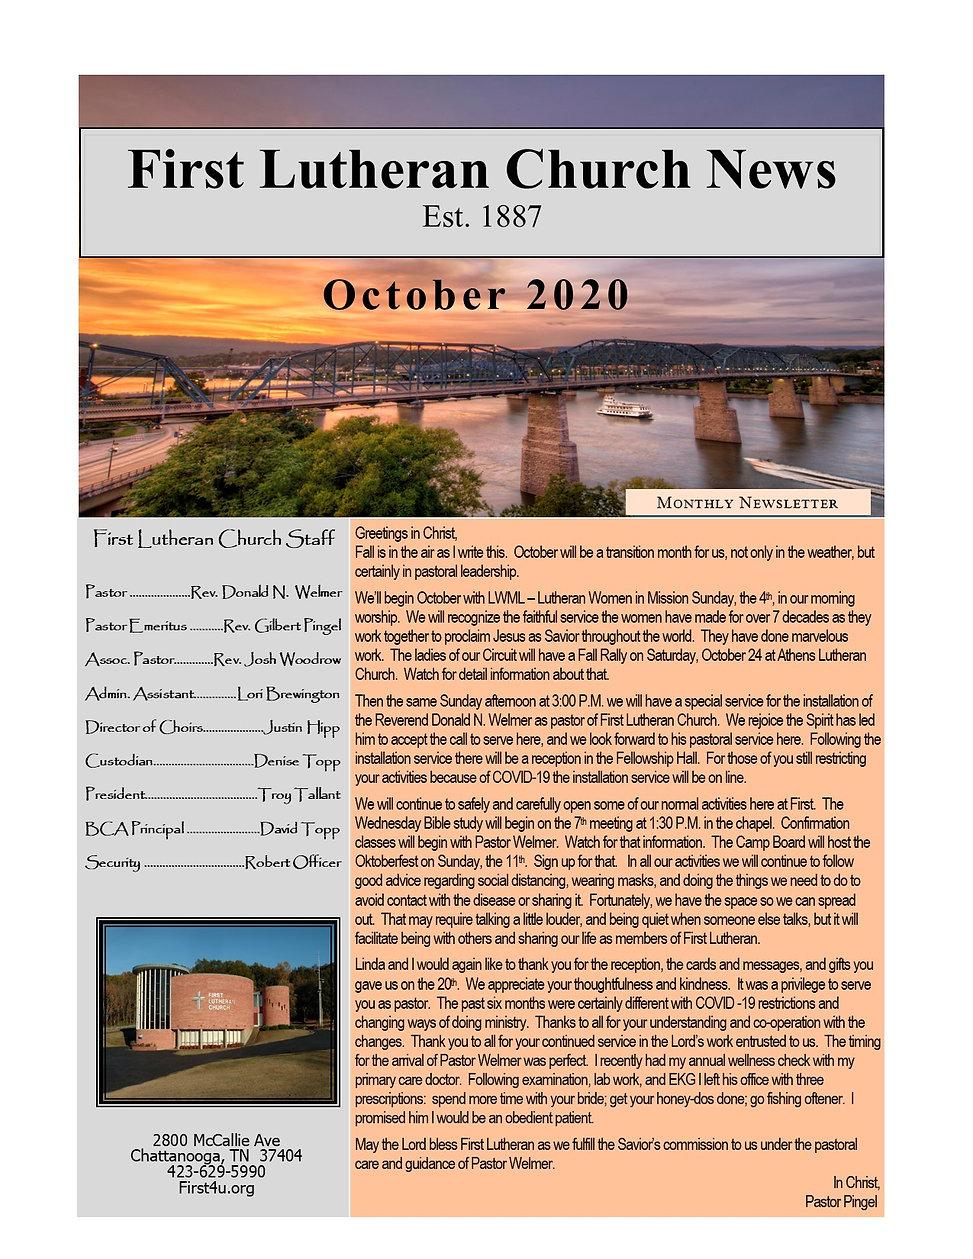 20 10 October Newsletter.jpg